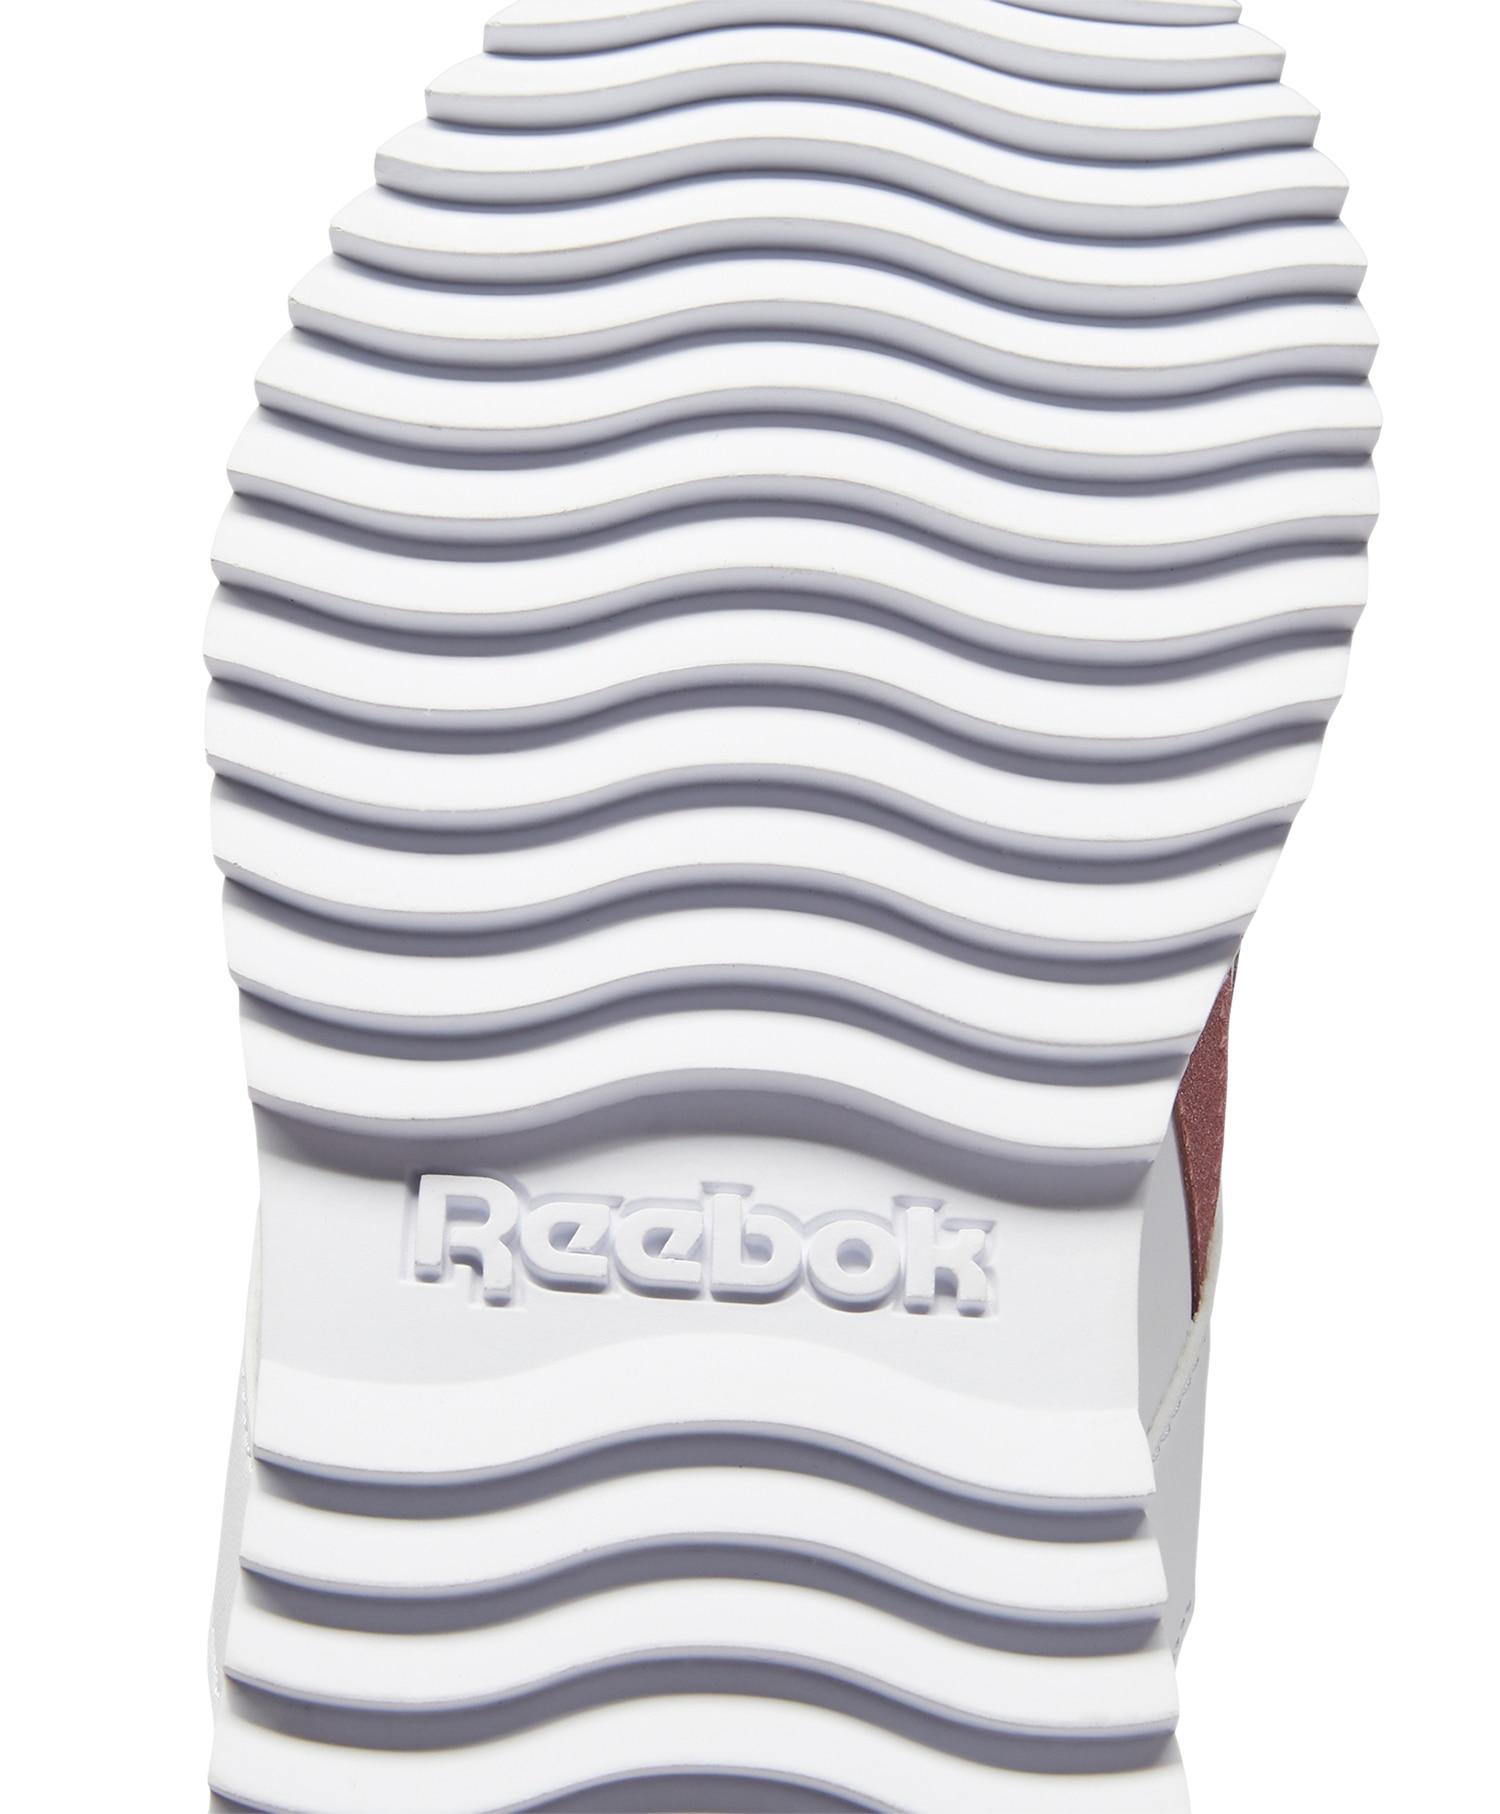 Reebok Royal Glide